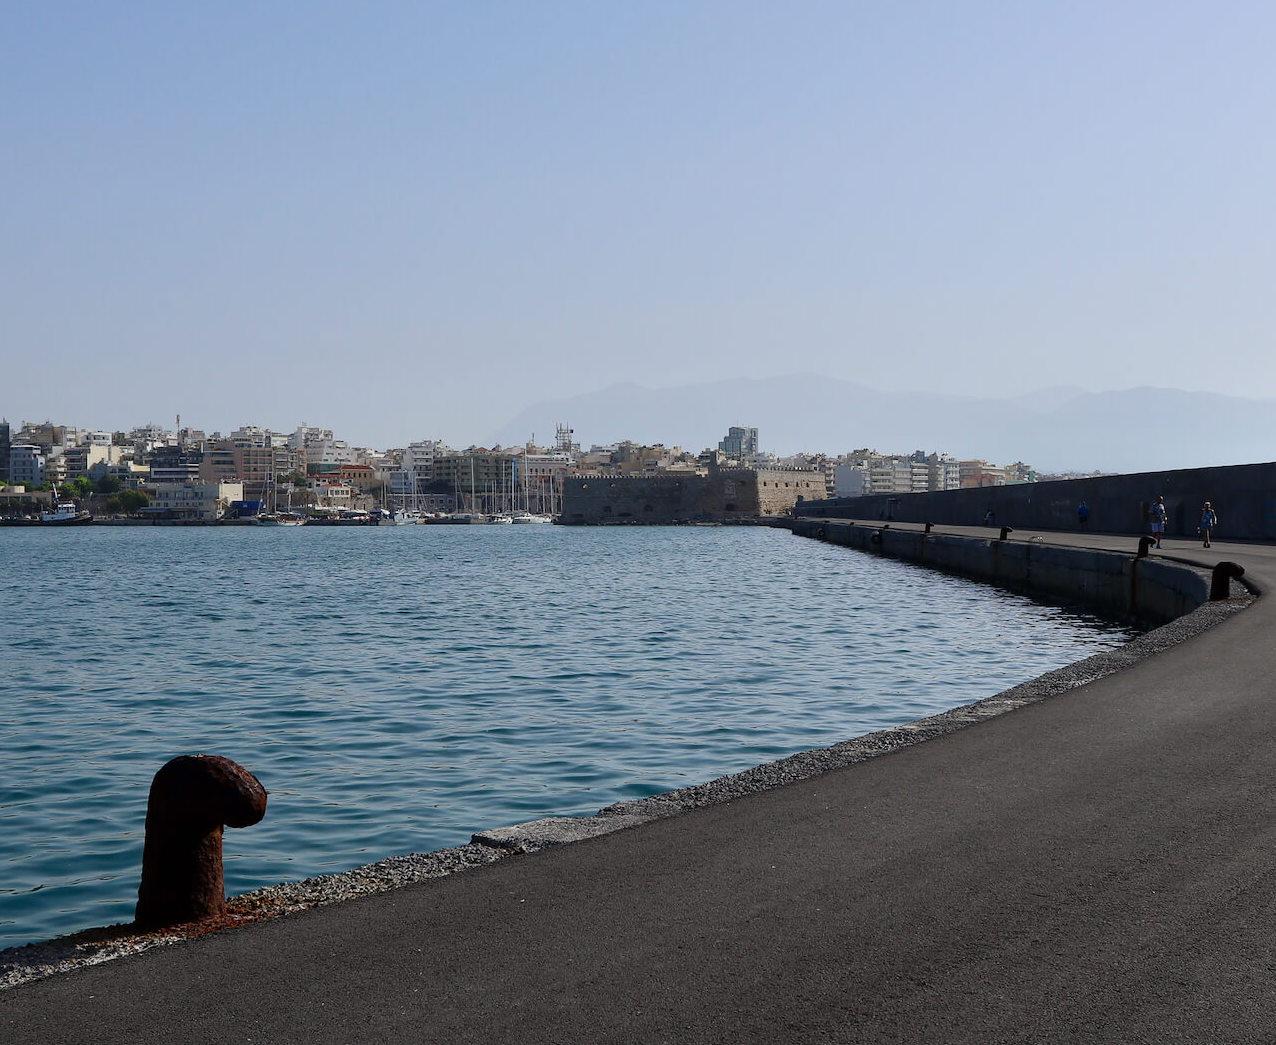 Heraklion capitale Creta, vecchio porto veneziano